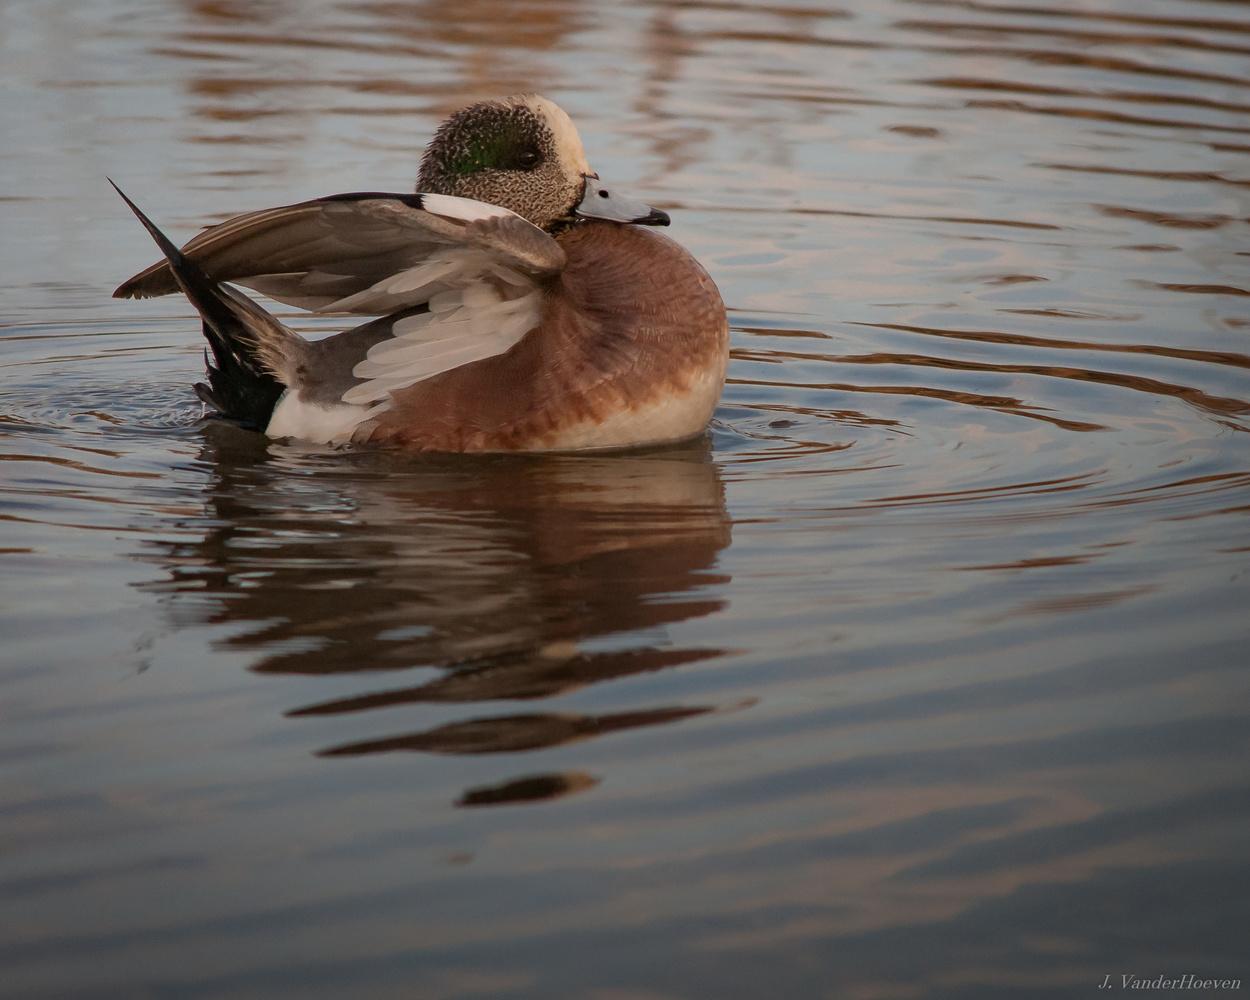 Ducks by Jake VanderHoeven